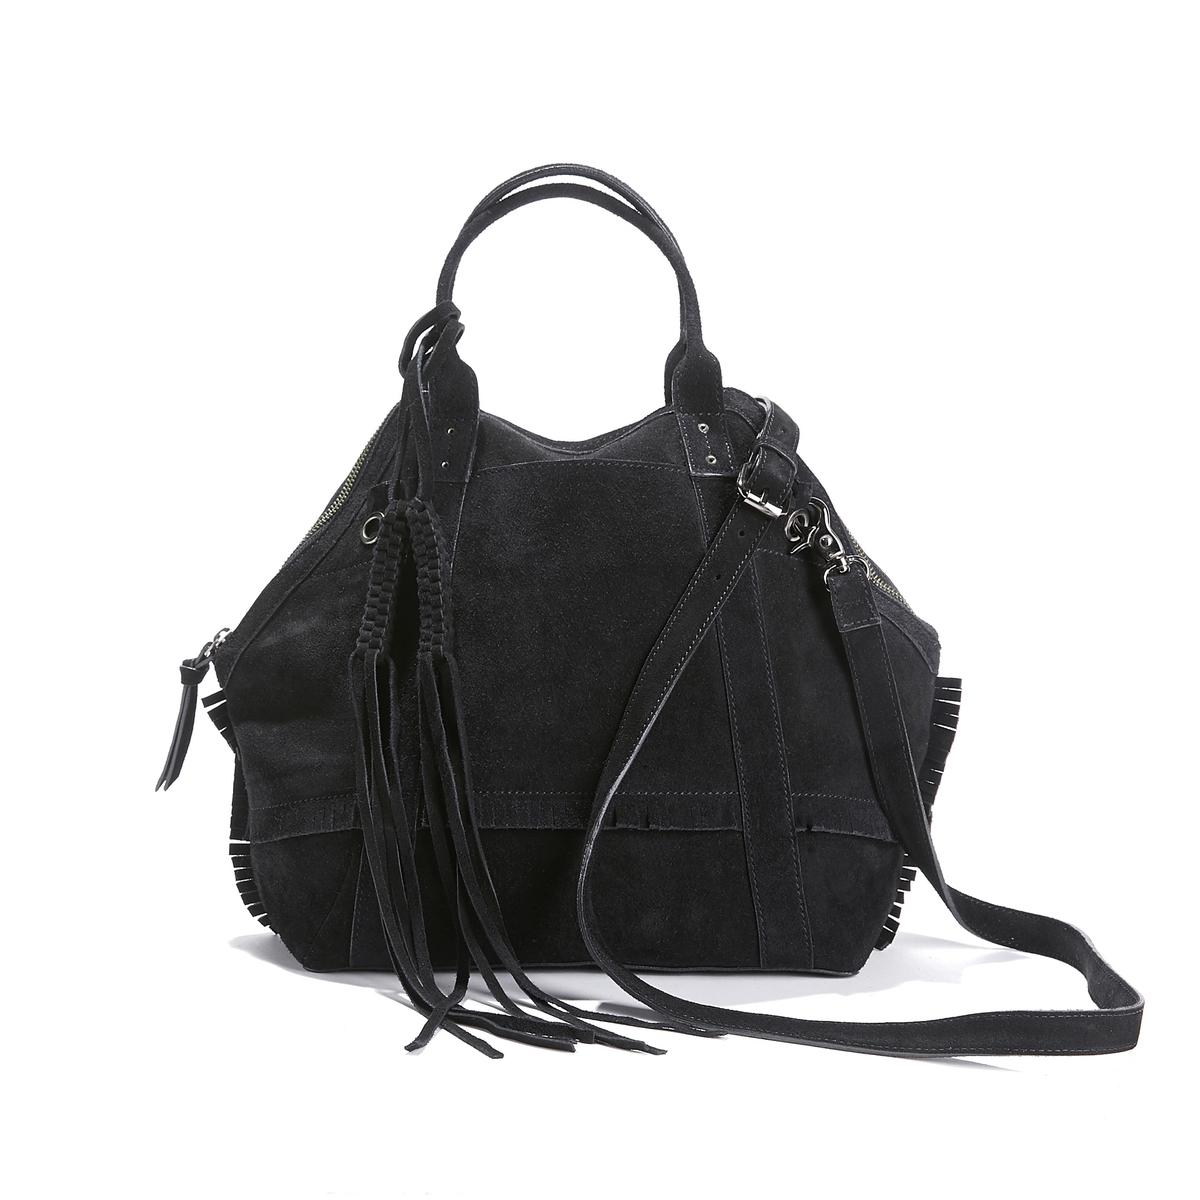 Сумка из невыделанной кожи с кисточками и бахромой сумка из невыделанной кожи